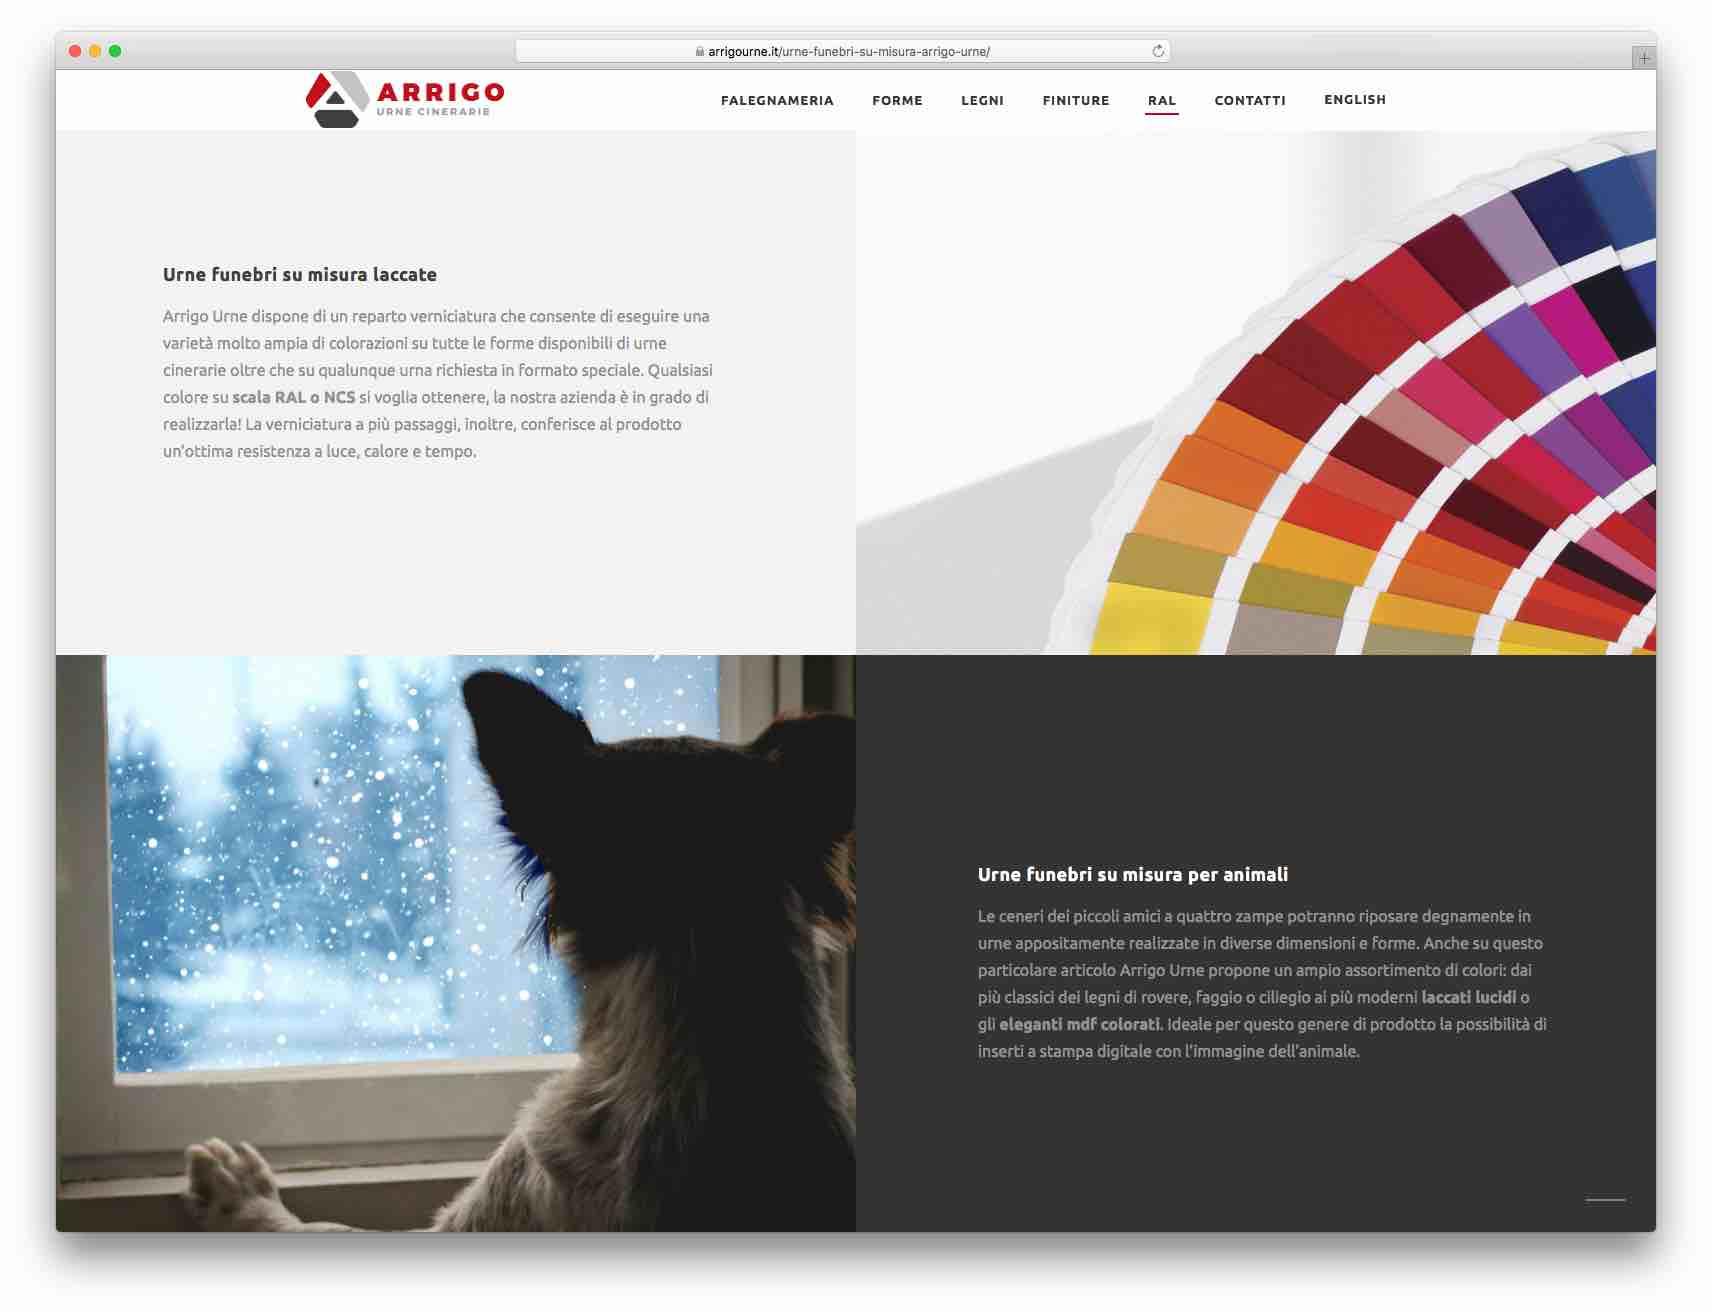 creazione siti web brescia - sito web arrigo urne